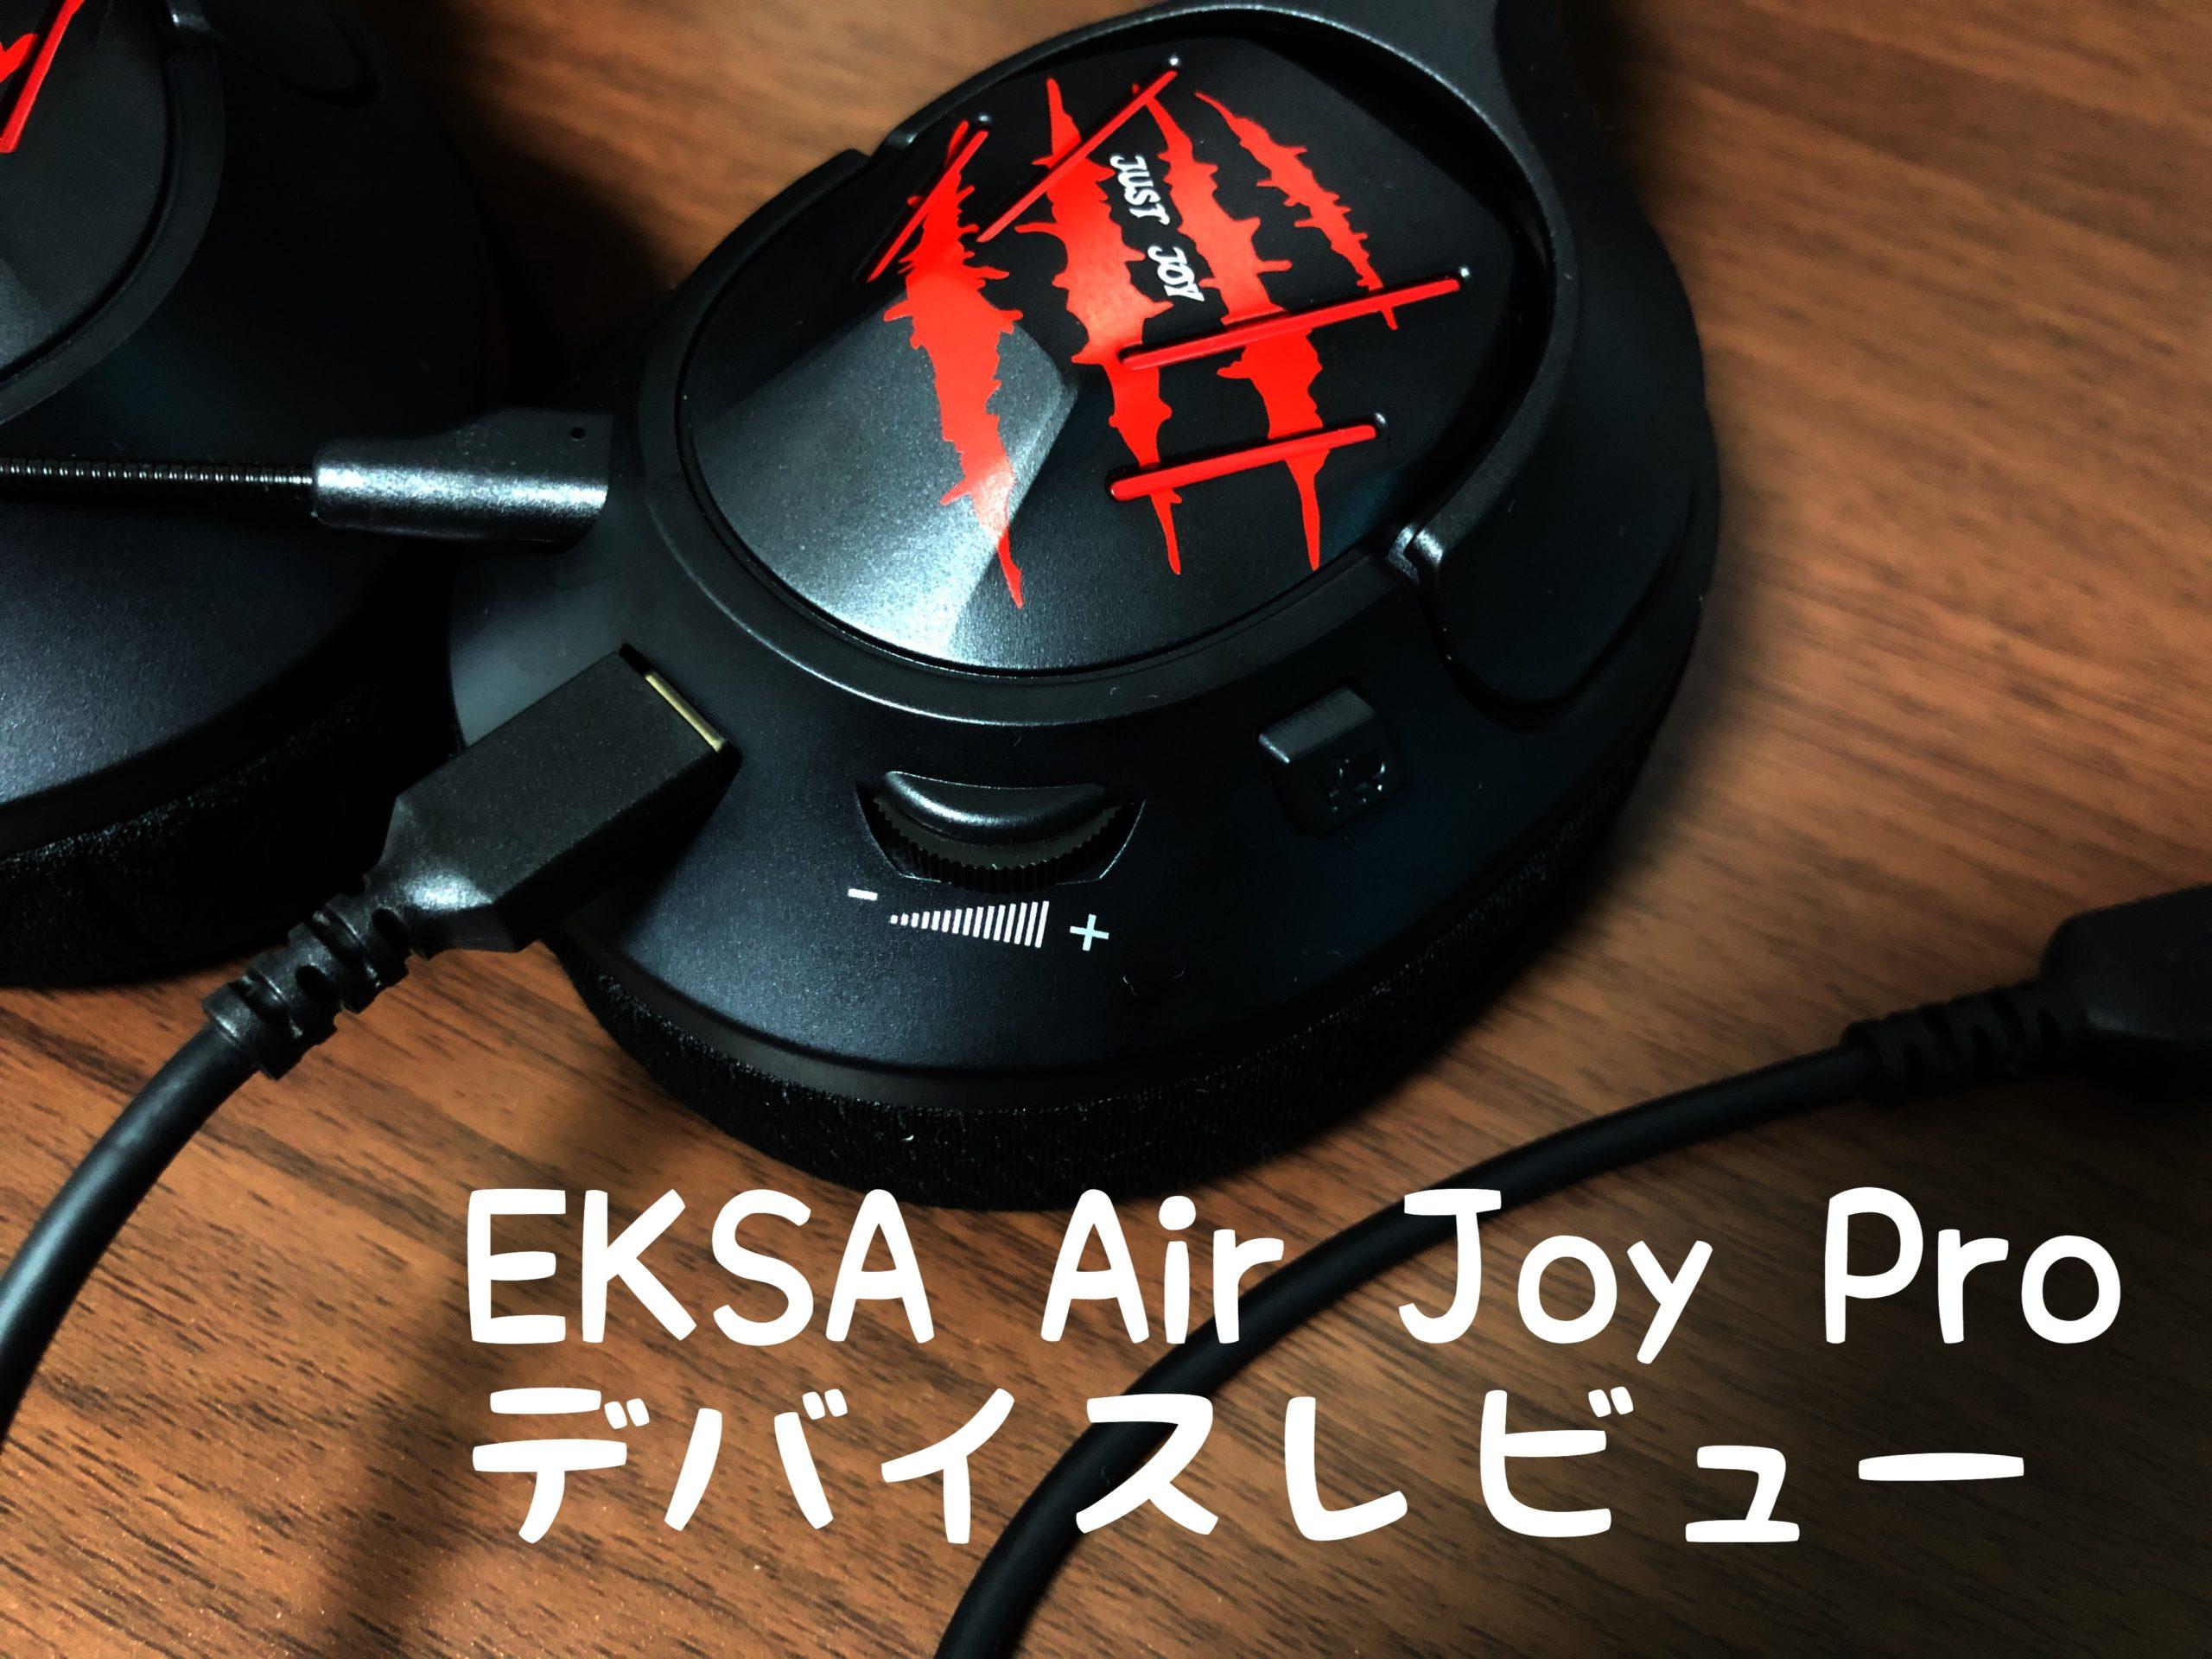 【デバイスレビュー】EKSA Air Joy Pro【わずか160gの最軽量ヘッドセット】